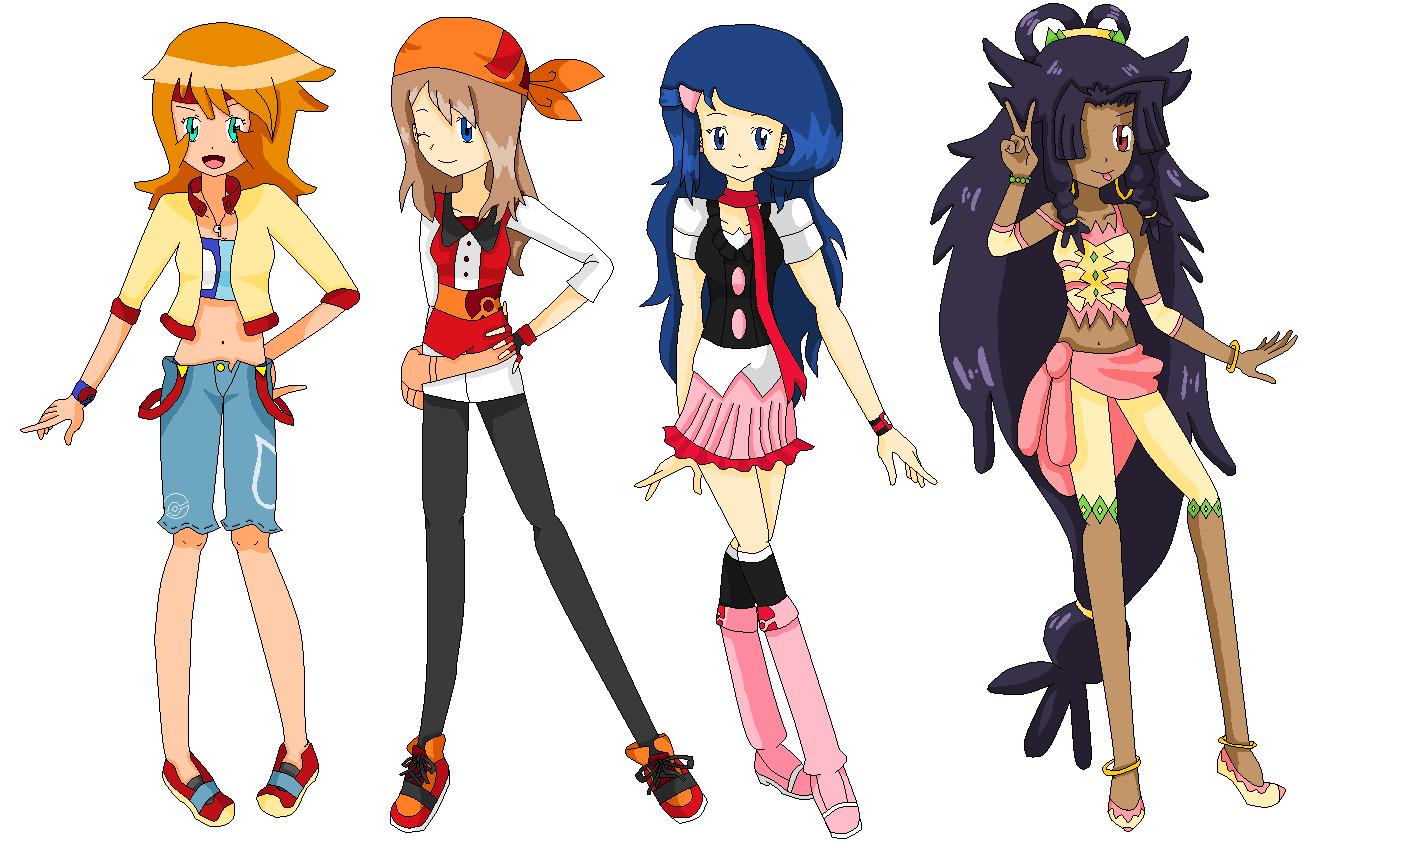 Pokemon Anime Characters : Pokemon girls character images